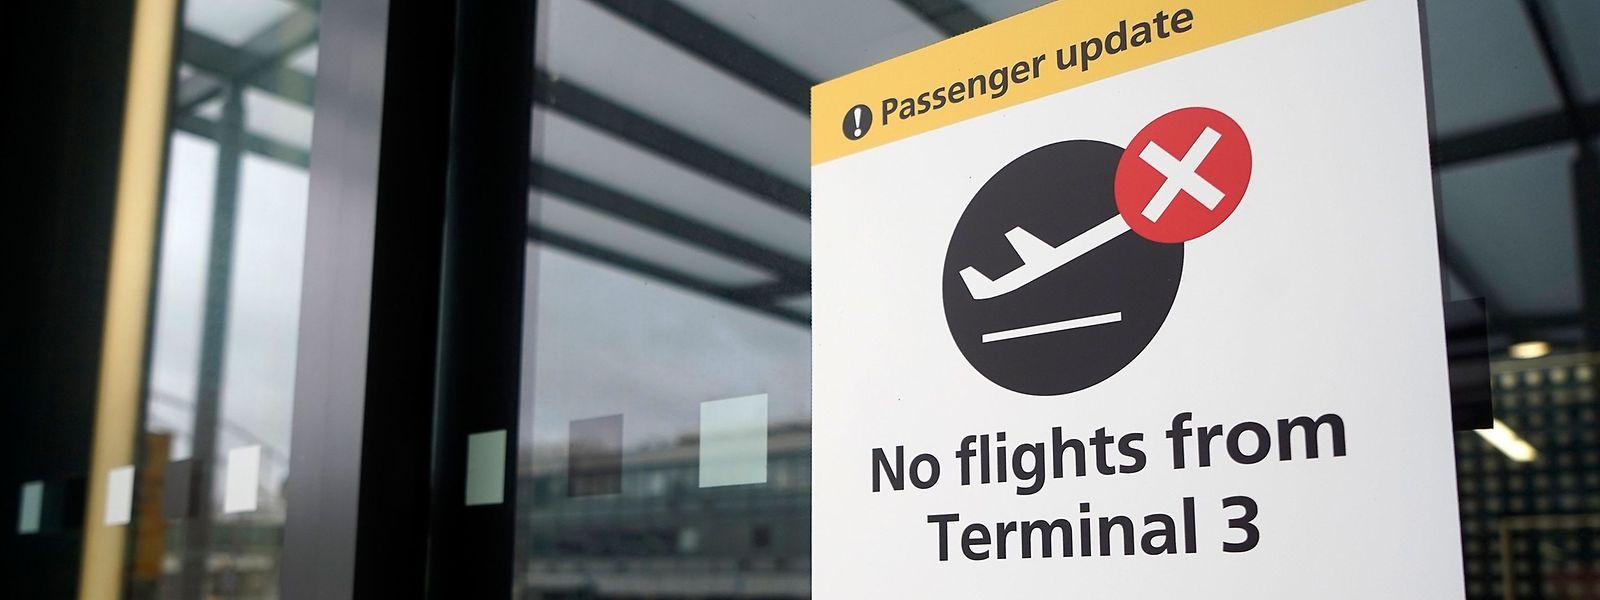 Le Luxembourg a suspendu tous les vols en provenance du Royaume-Uni jusqu'au 3 janvier.